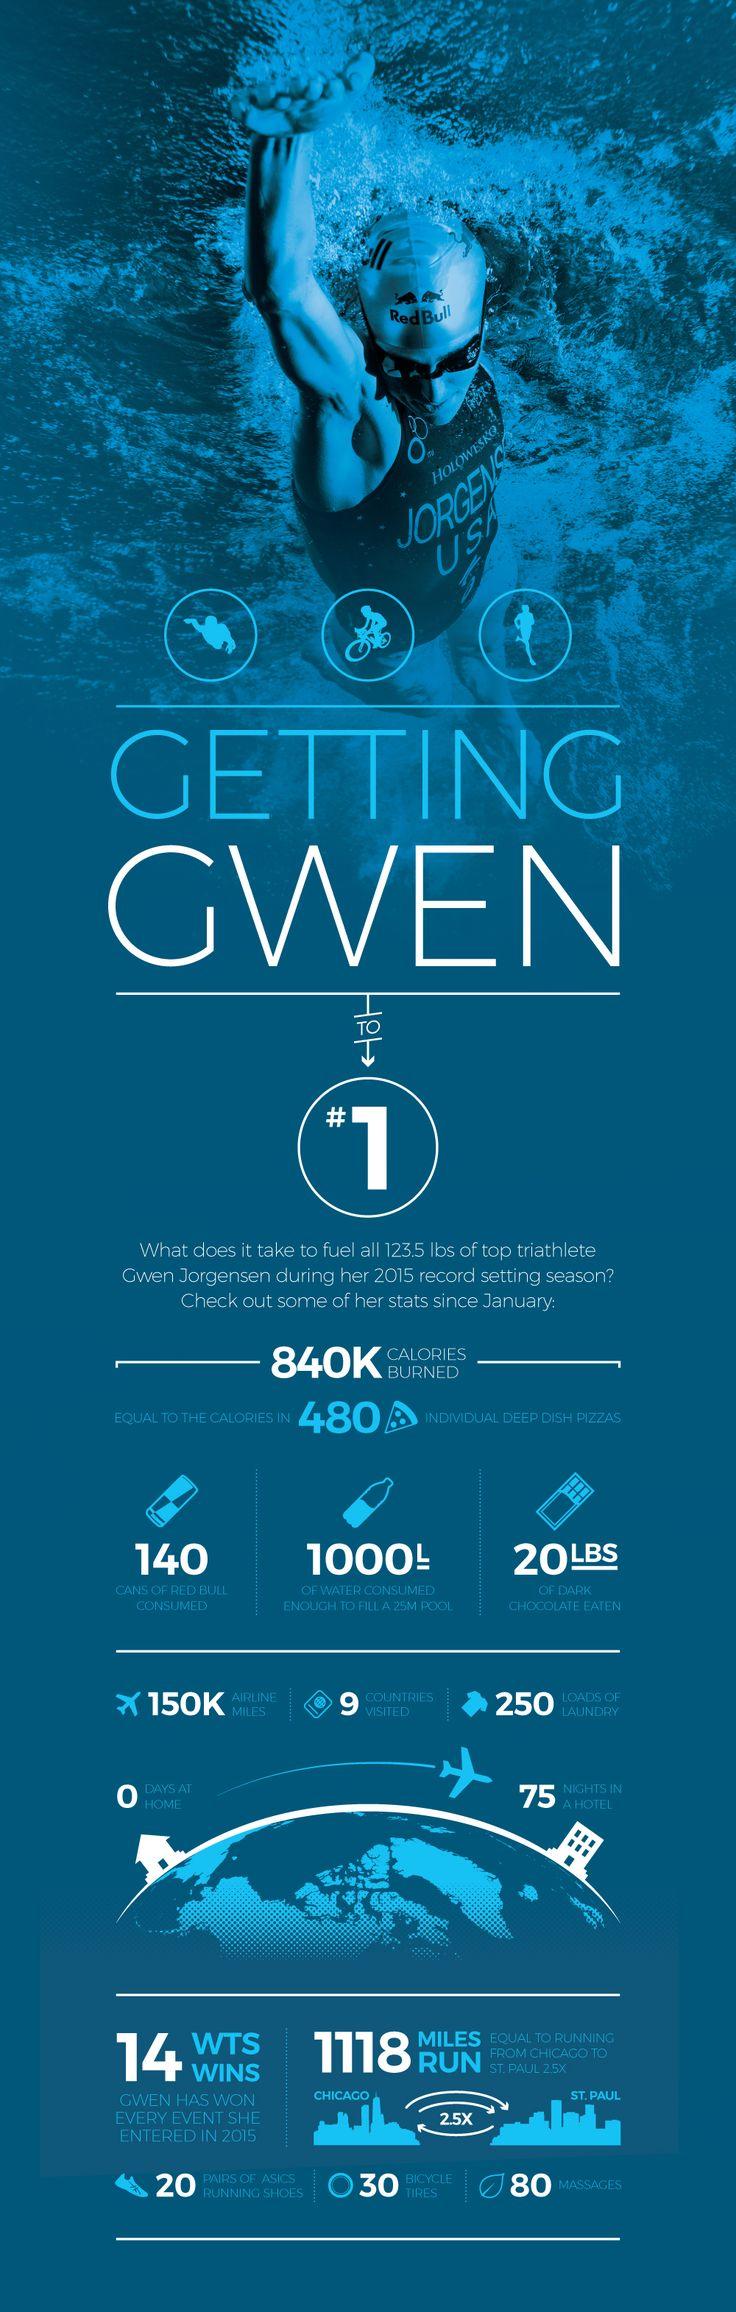 Triathlete Gwen Jorgensen's stats.